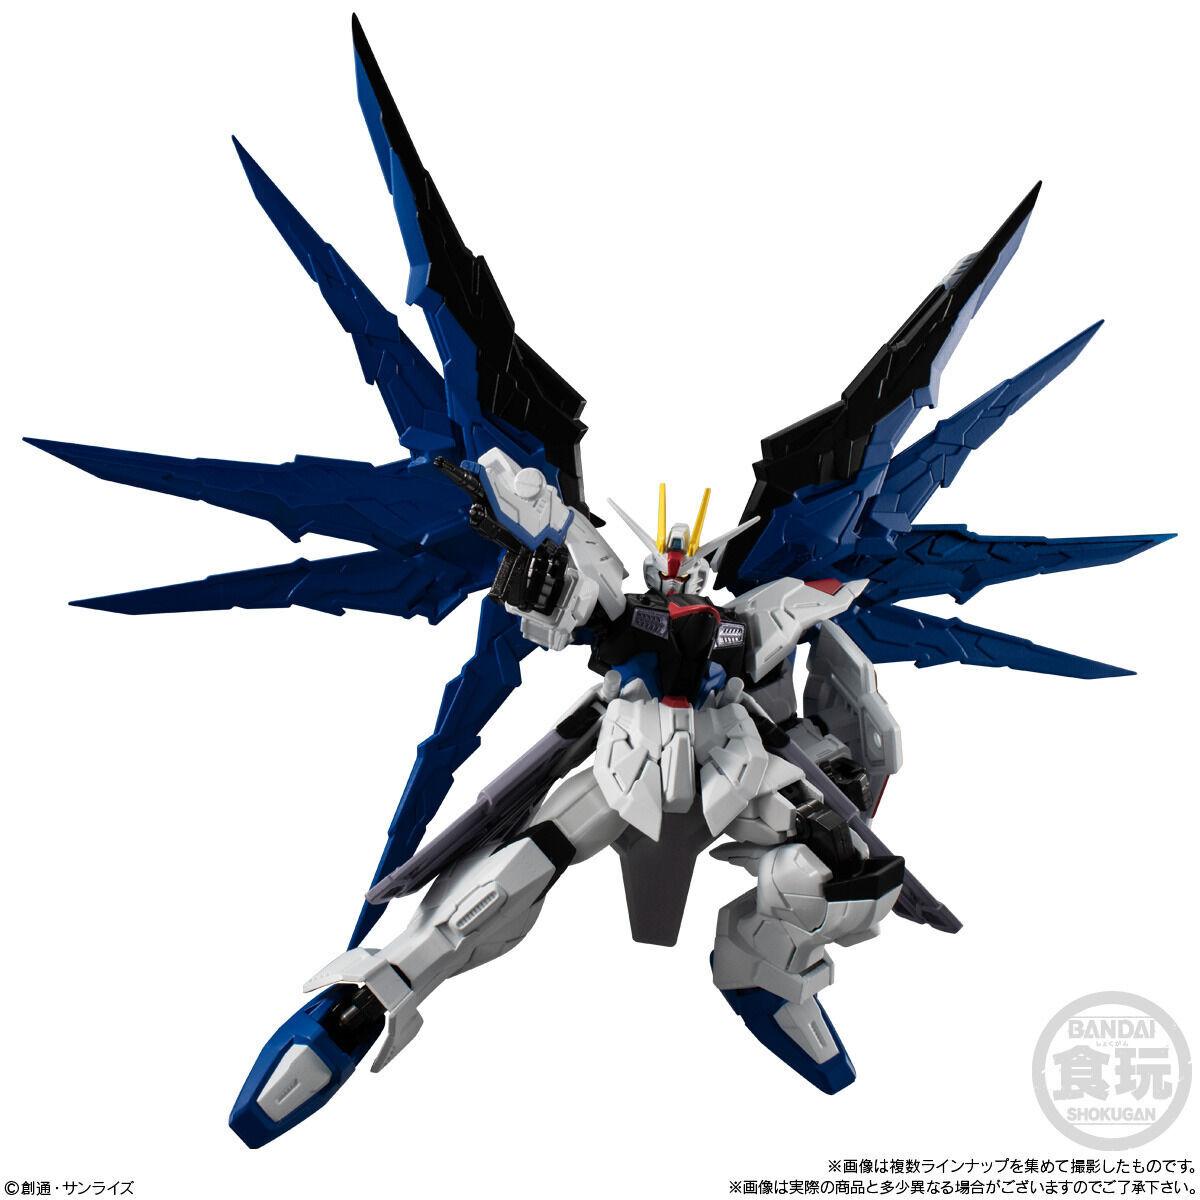 【食玩】機動戦士ガンダム『GフレームFA 01』可動フィギュア 10個入りBOX-006